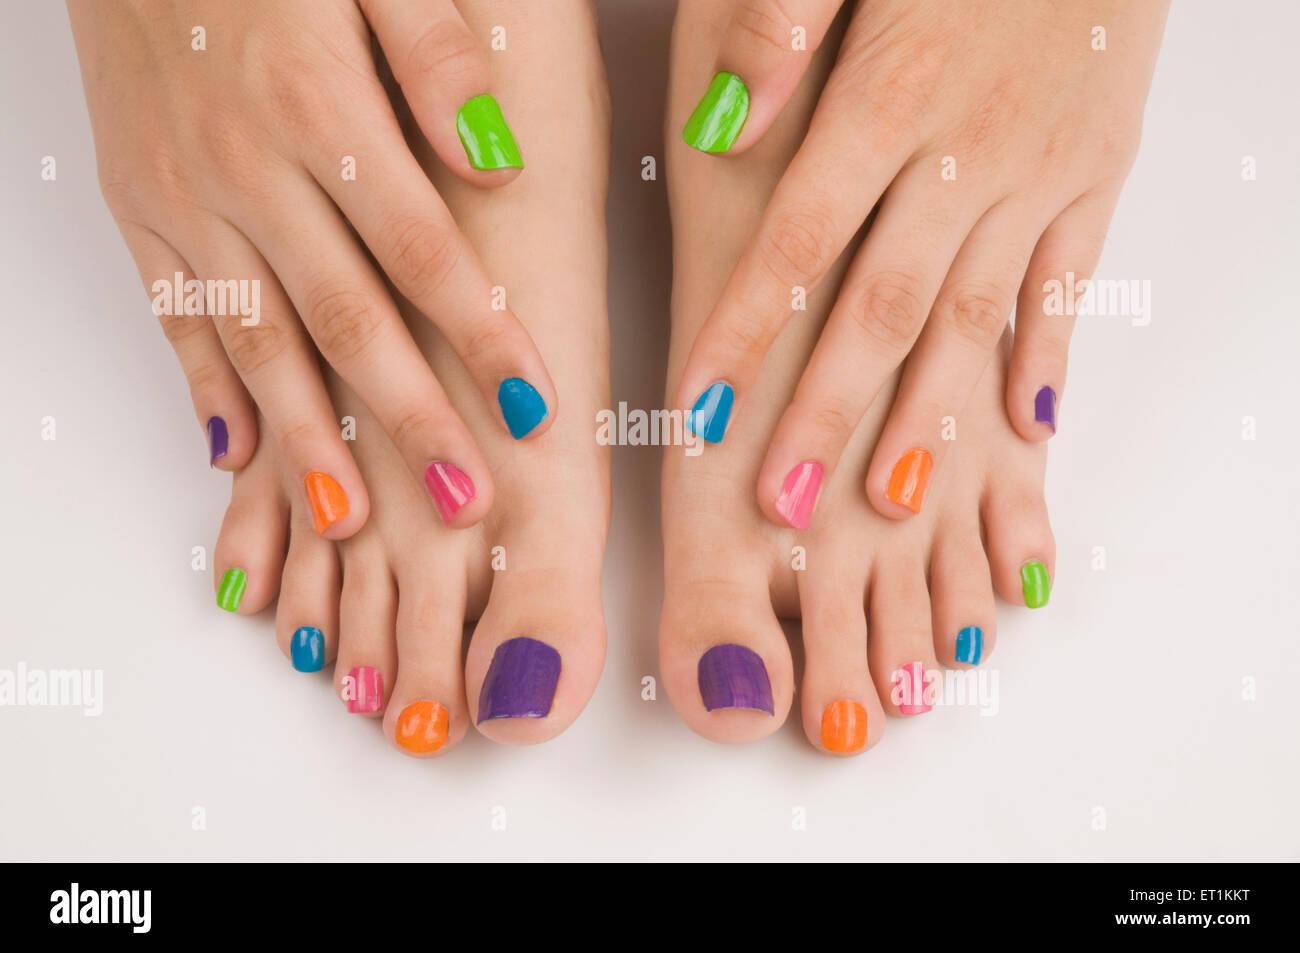 Different Colours Of Nail Polish On Nails Pune Maharashtra